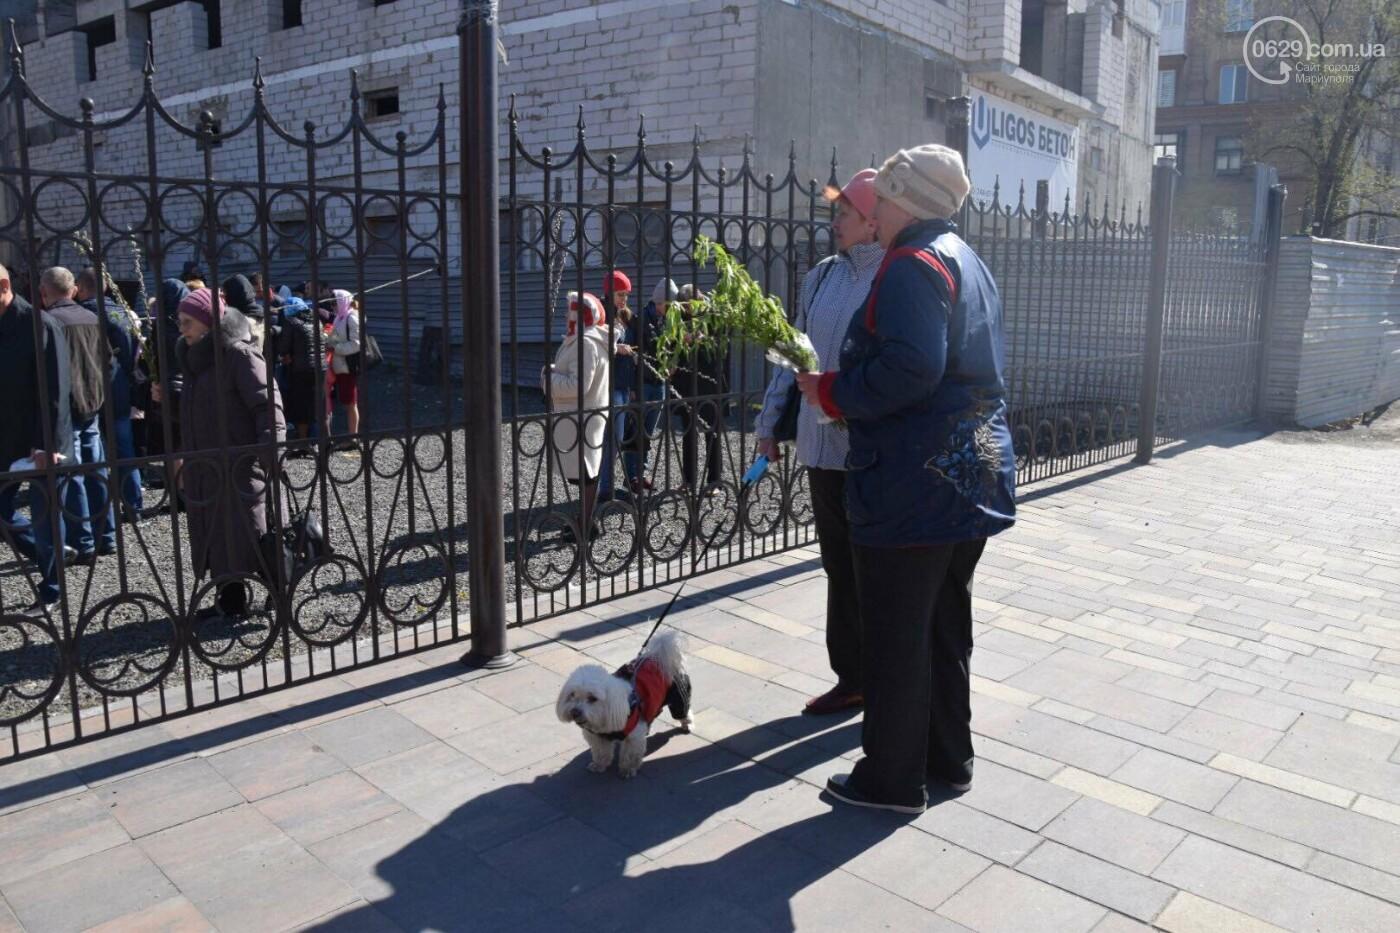 Выборы и верба: как Мариуполь празднует православный праздник, - ФОТОРЕПОРТАЖ, фото-31